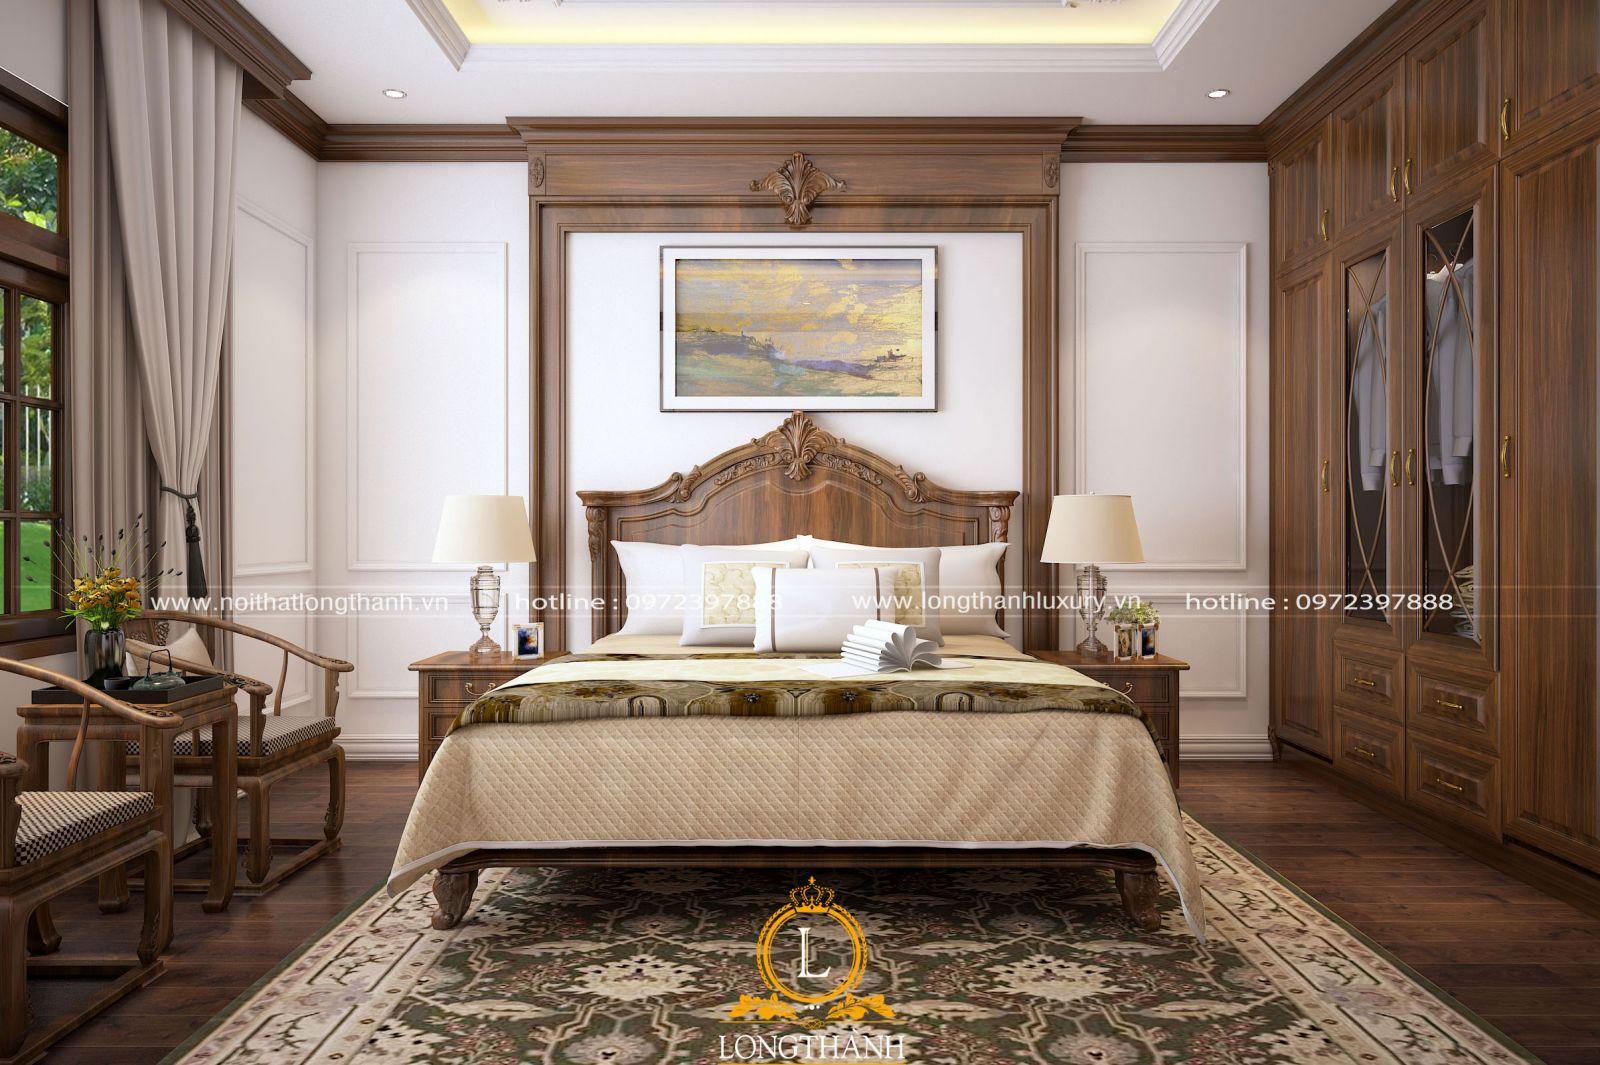 Phòng ngủ đẹp thiết kế tiện nghi